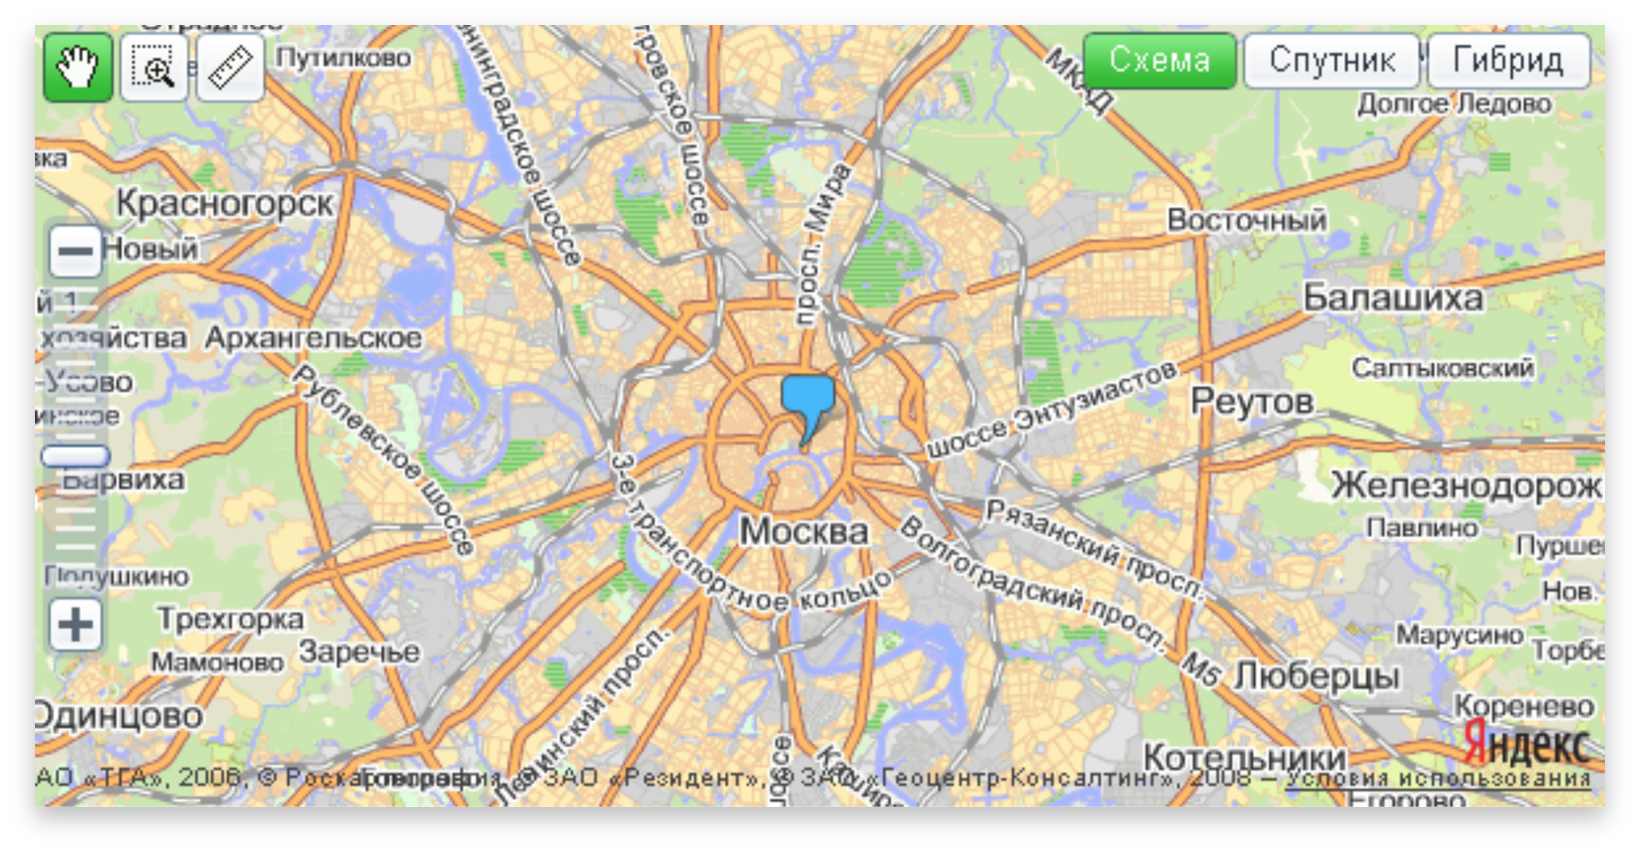 Карта москвы 2020 яндекс карты